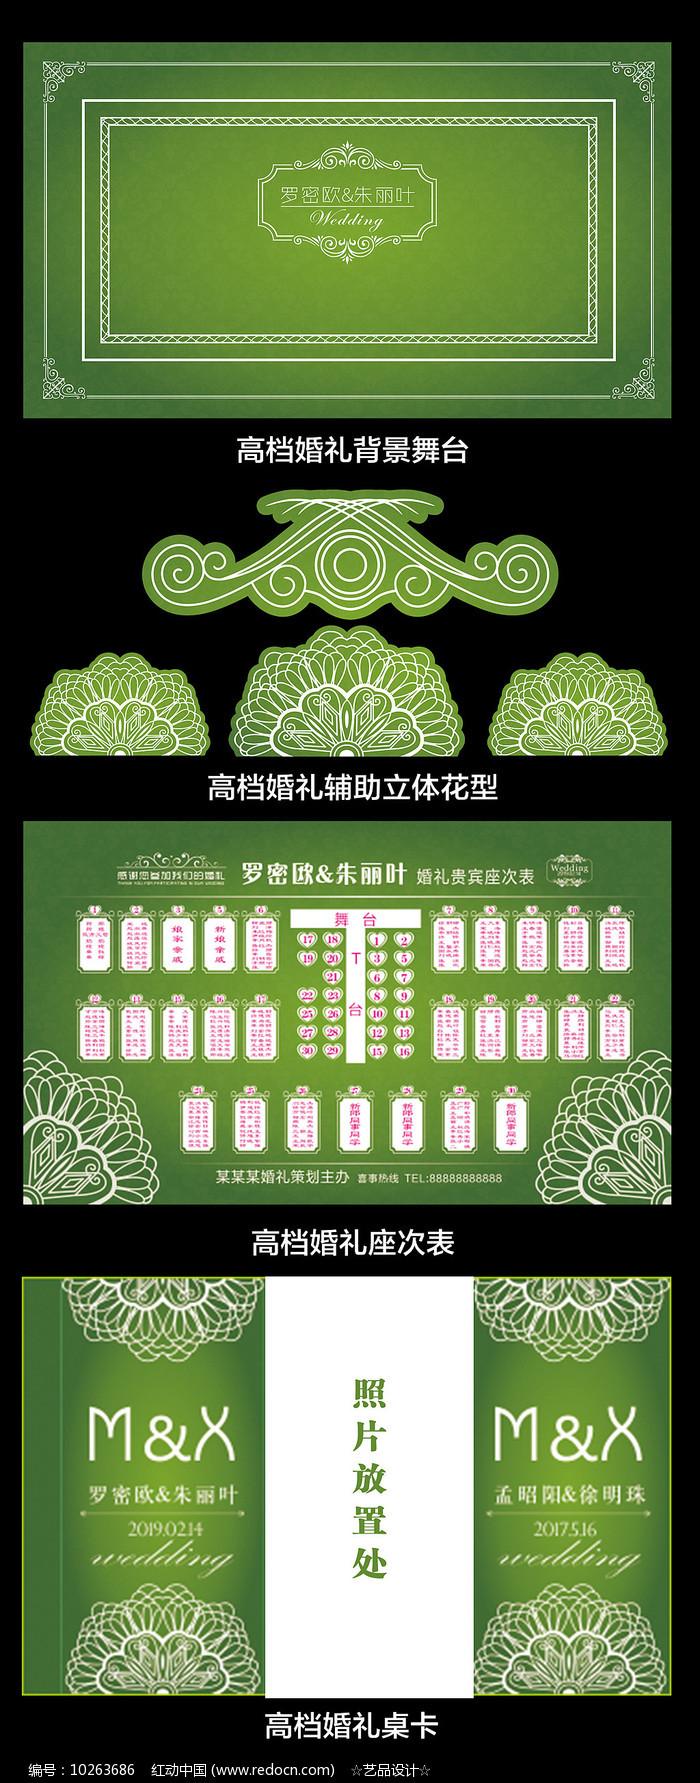 高档绿色花卉婚礼背景设计图片